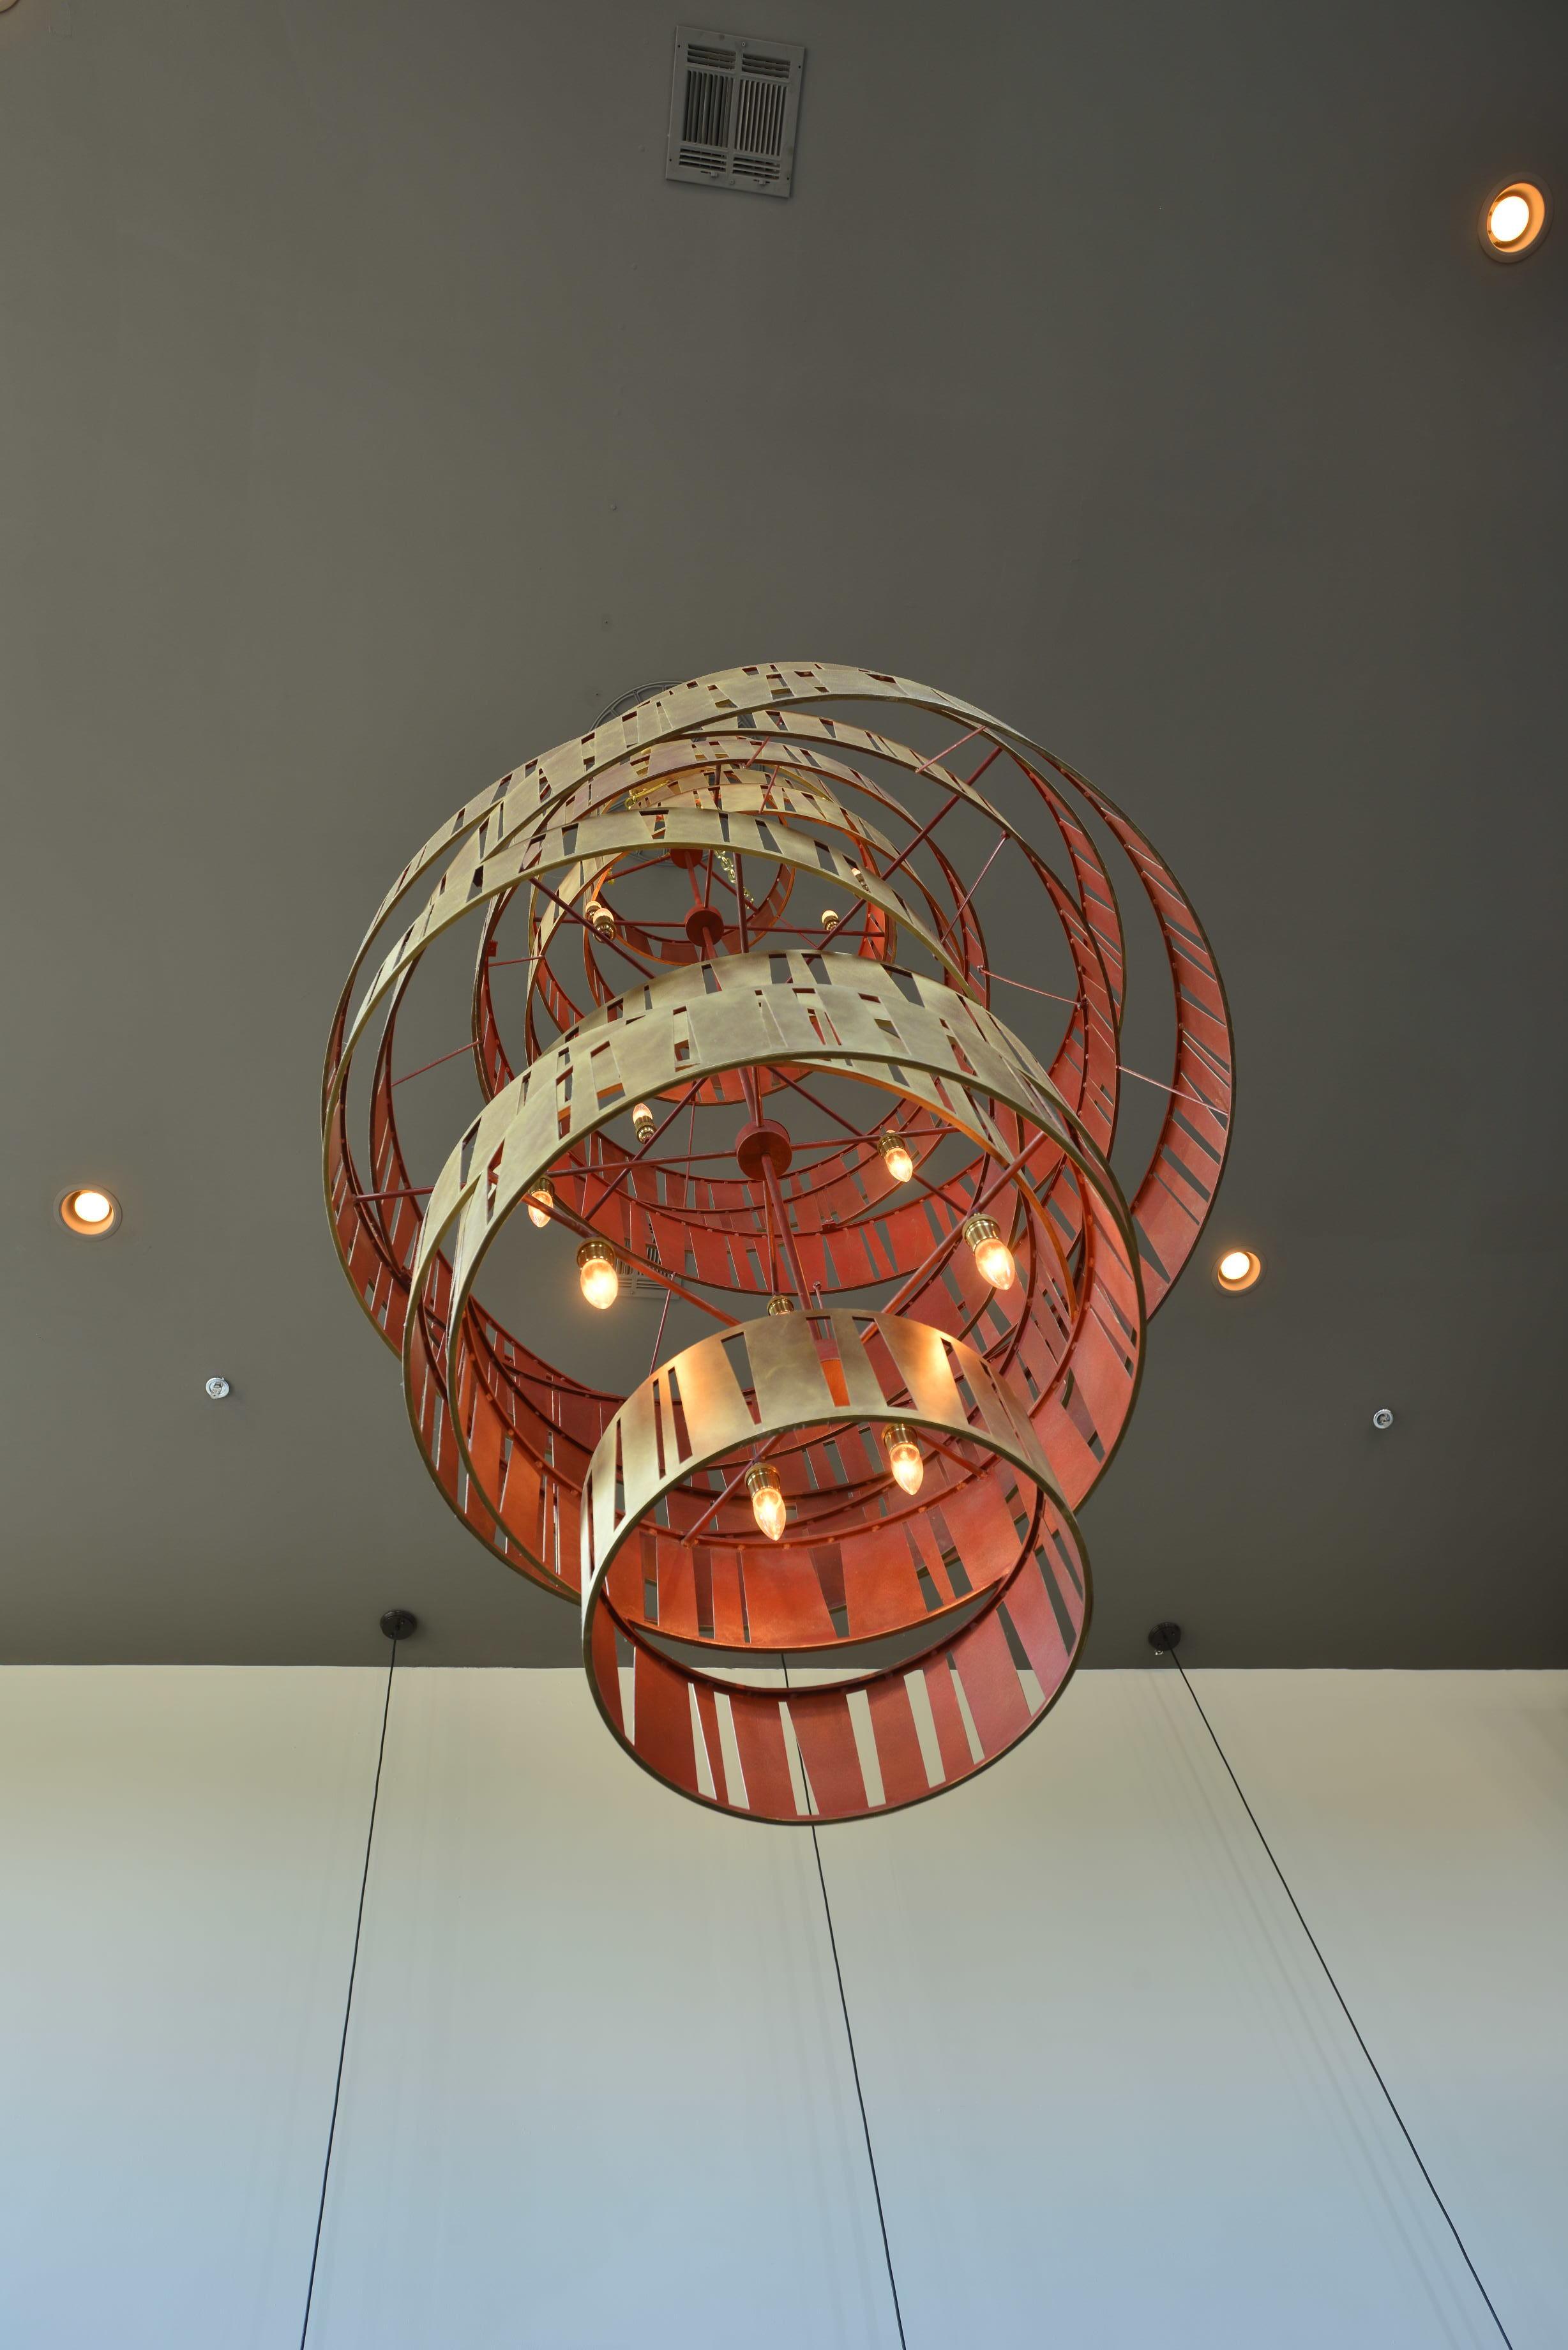 Chandelier Detail at Cava Restaurant